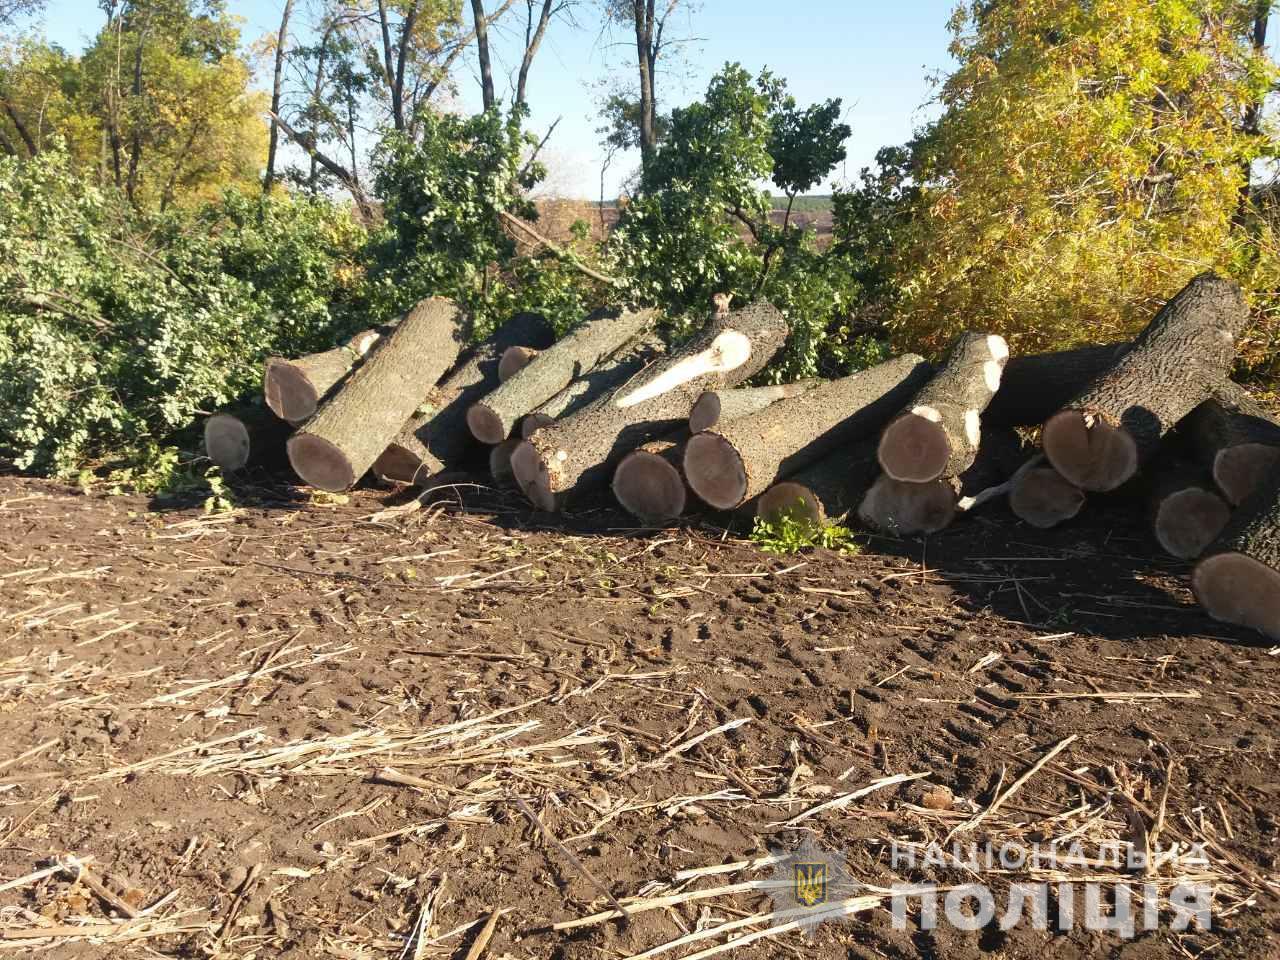 Незаконная вырубка деревьев на Харьковщине: полиция разбирается (фото)